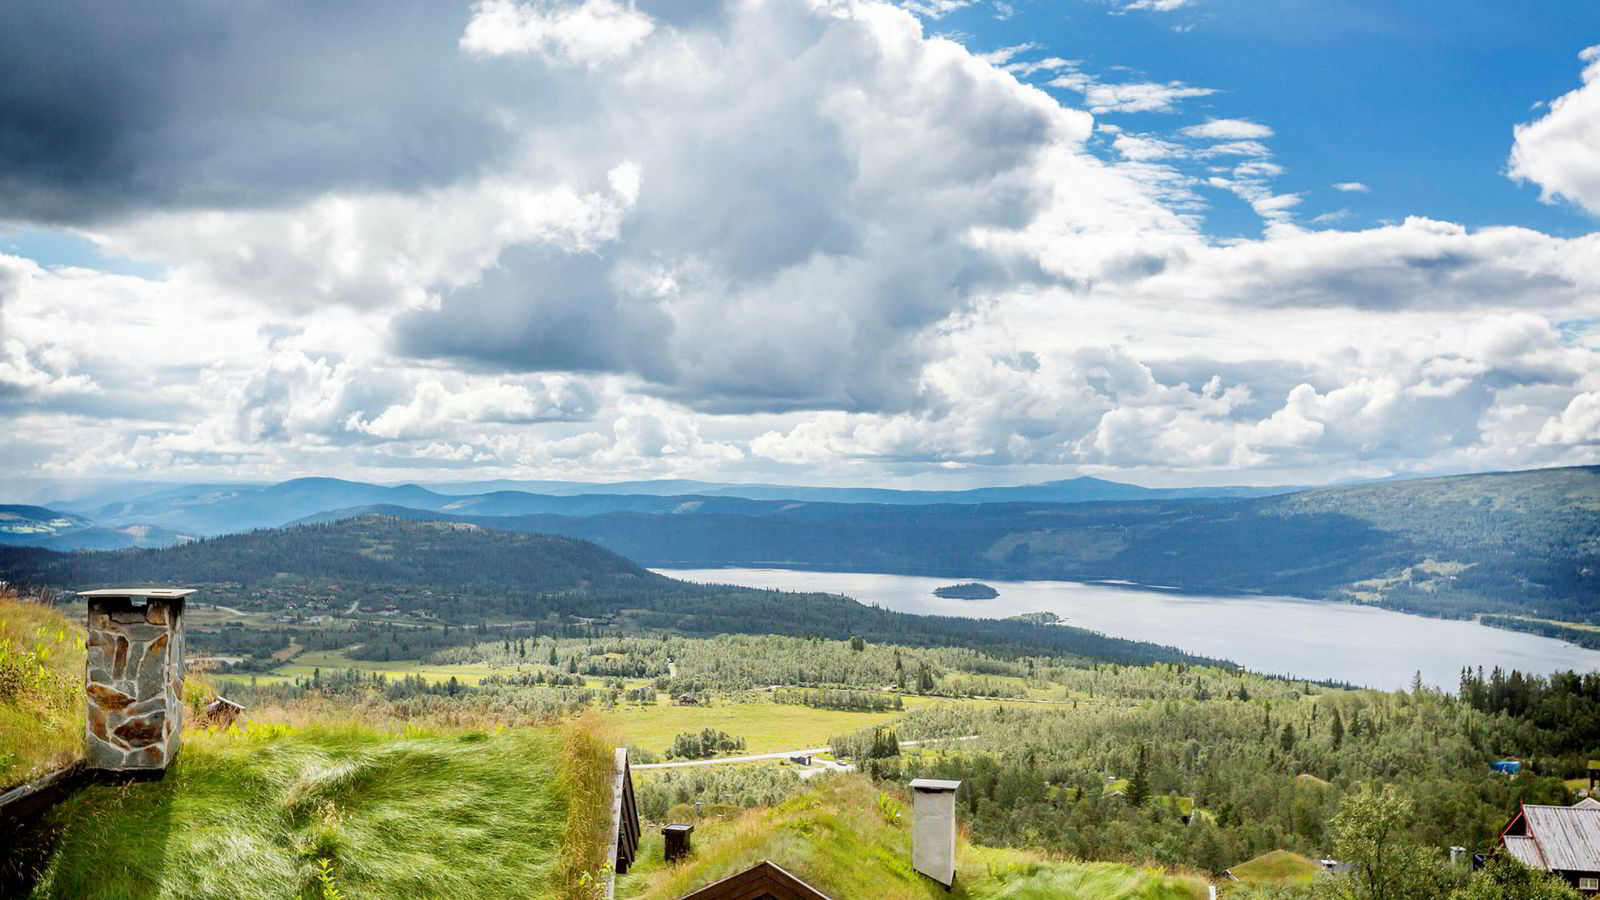 Beitostølen tiltrekker seg stadig flere turister hele året. Det betyr mer penger i kassen for brødrene Atle og Bjørnar Hovi i Beito Resort-konsernet.